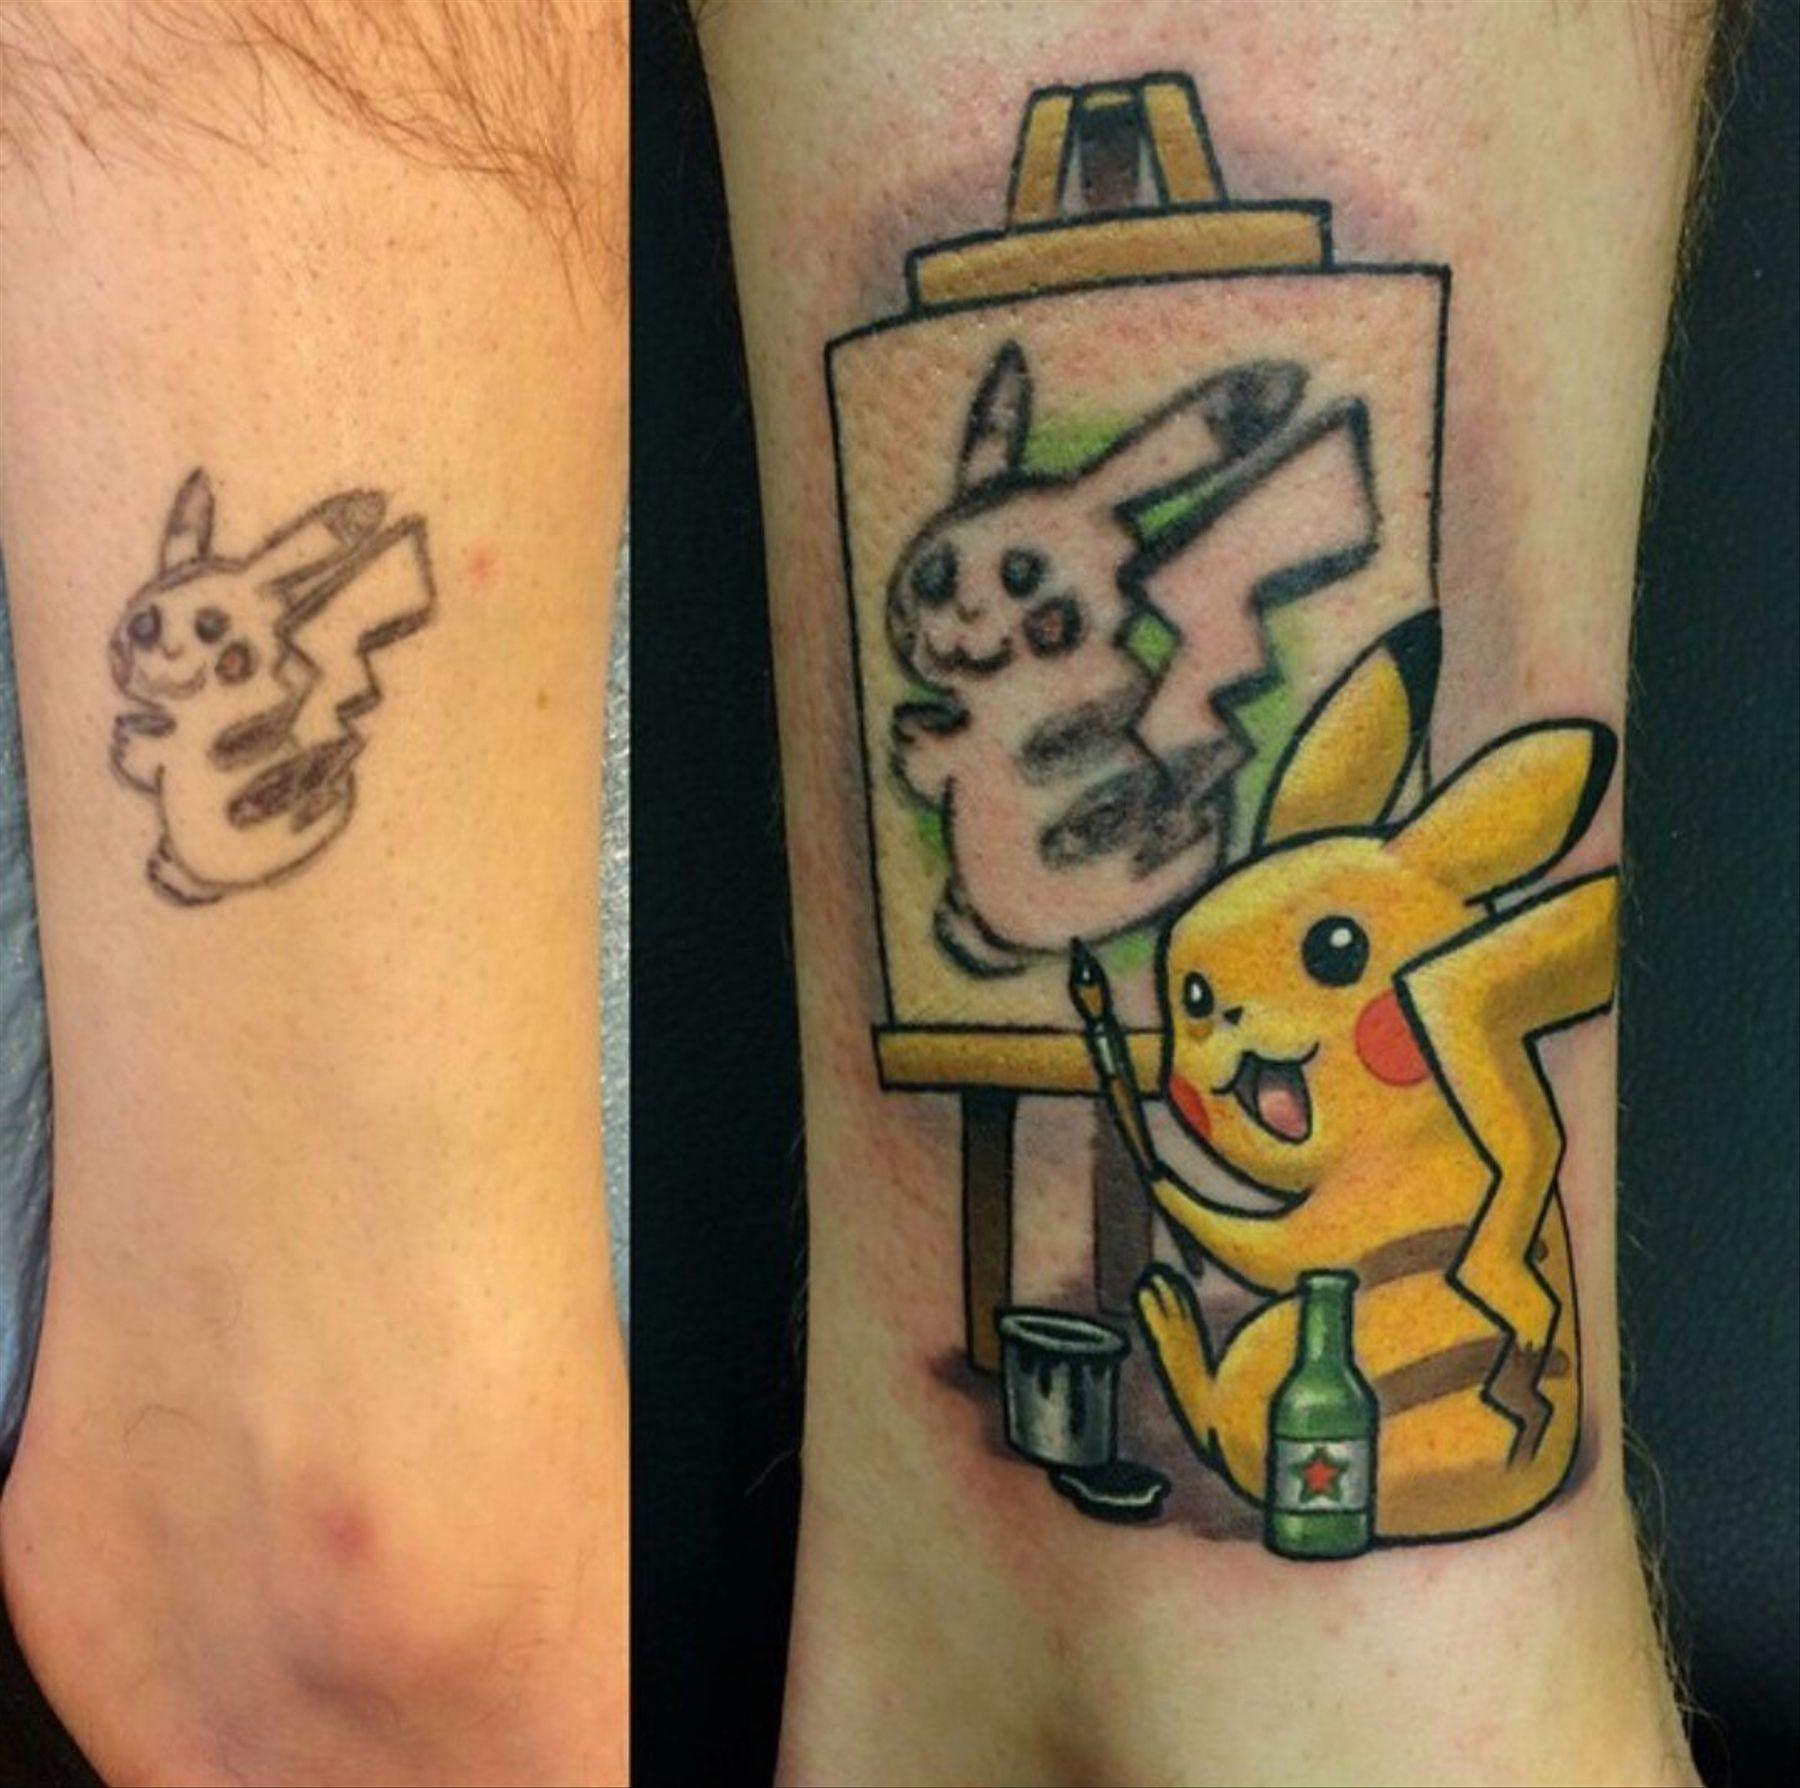 [Image: pokemon-1434135967.jpg?quality=0.8&forma...width=1800]